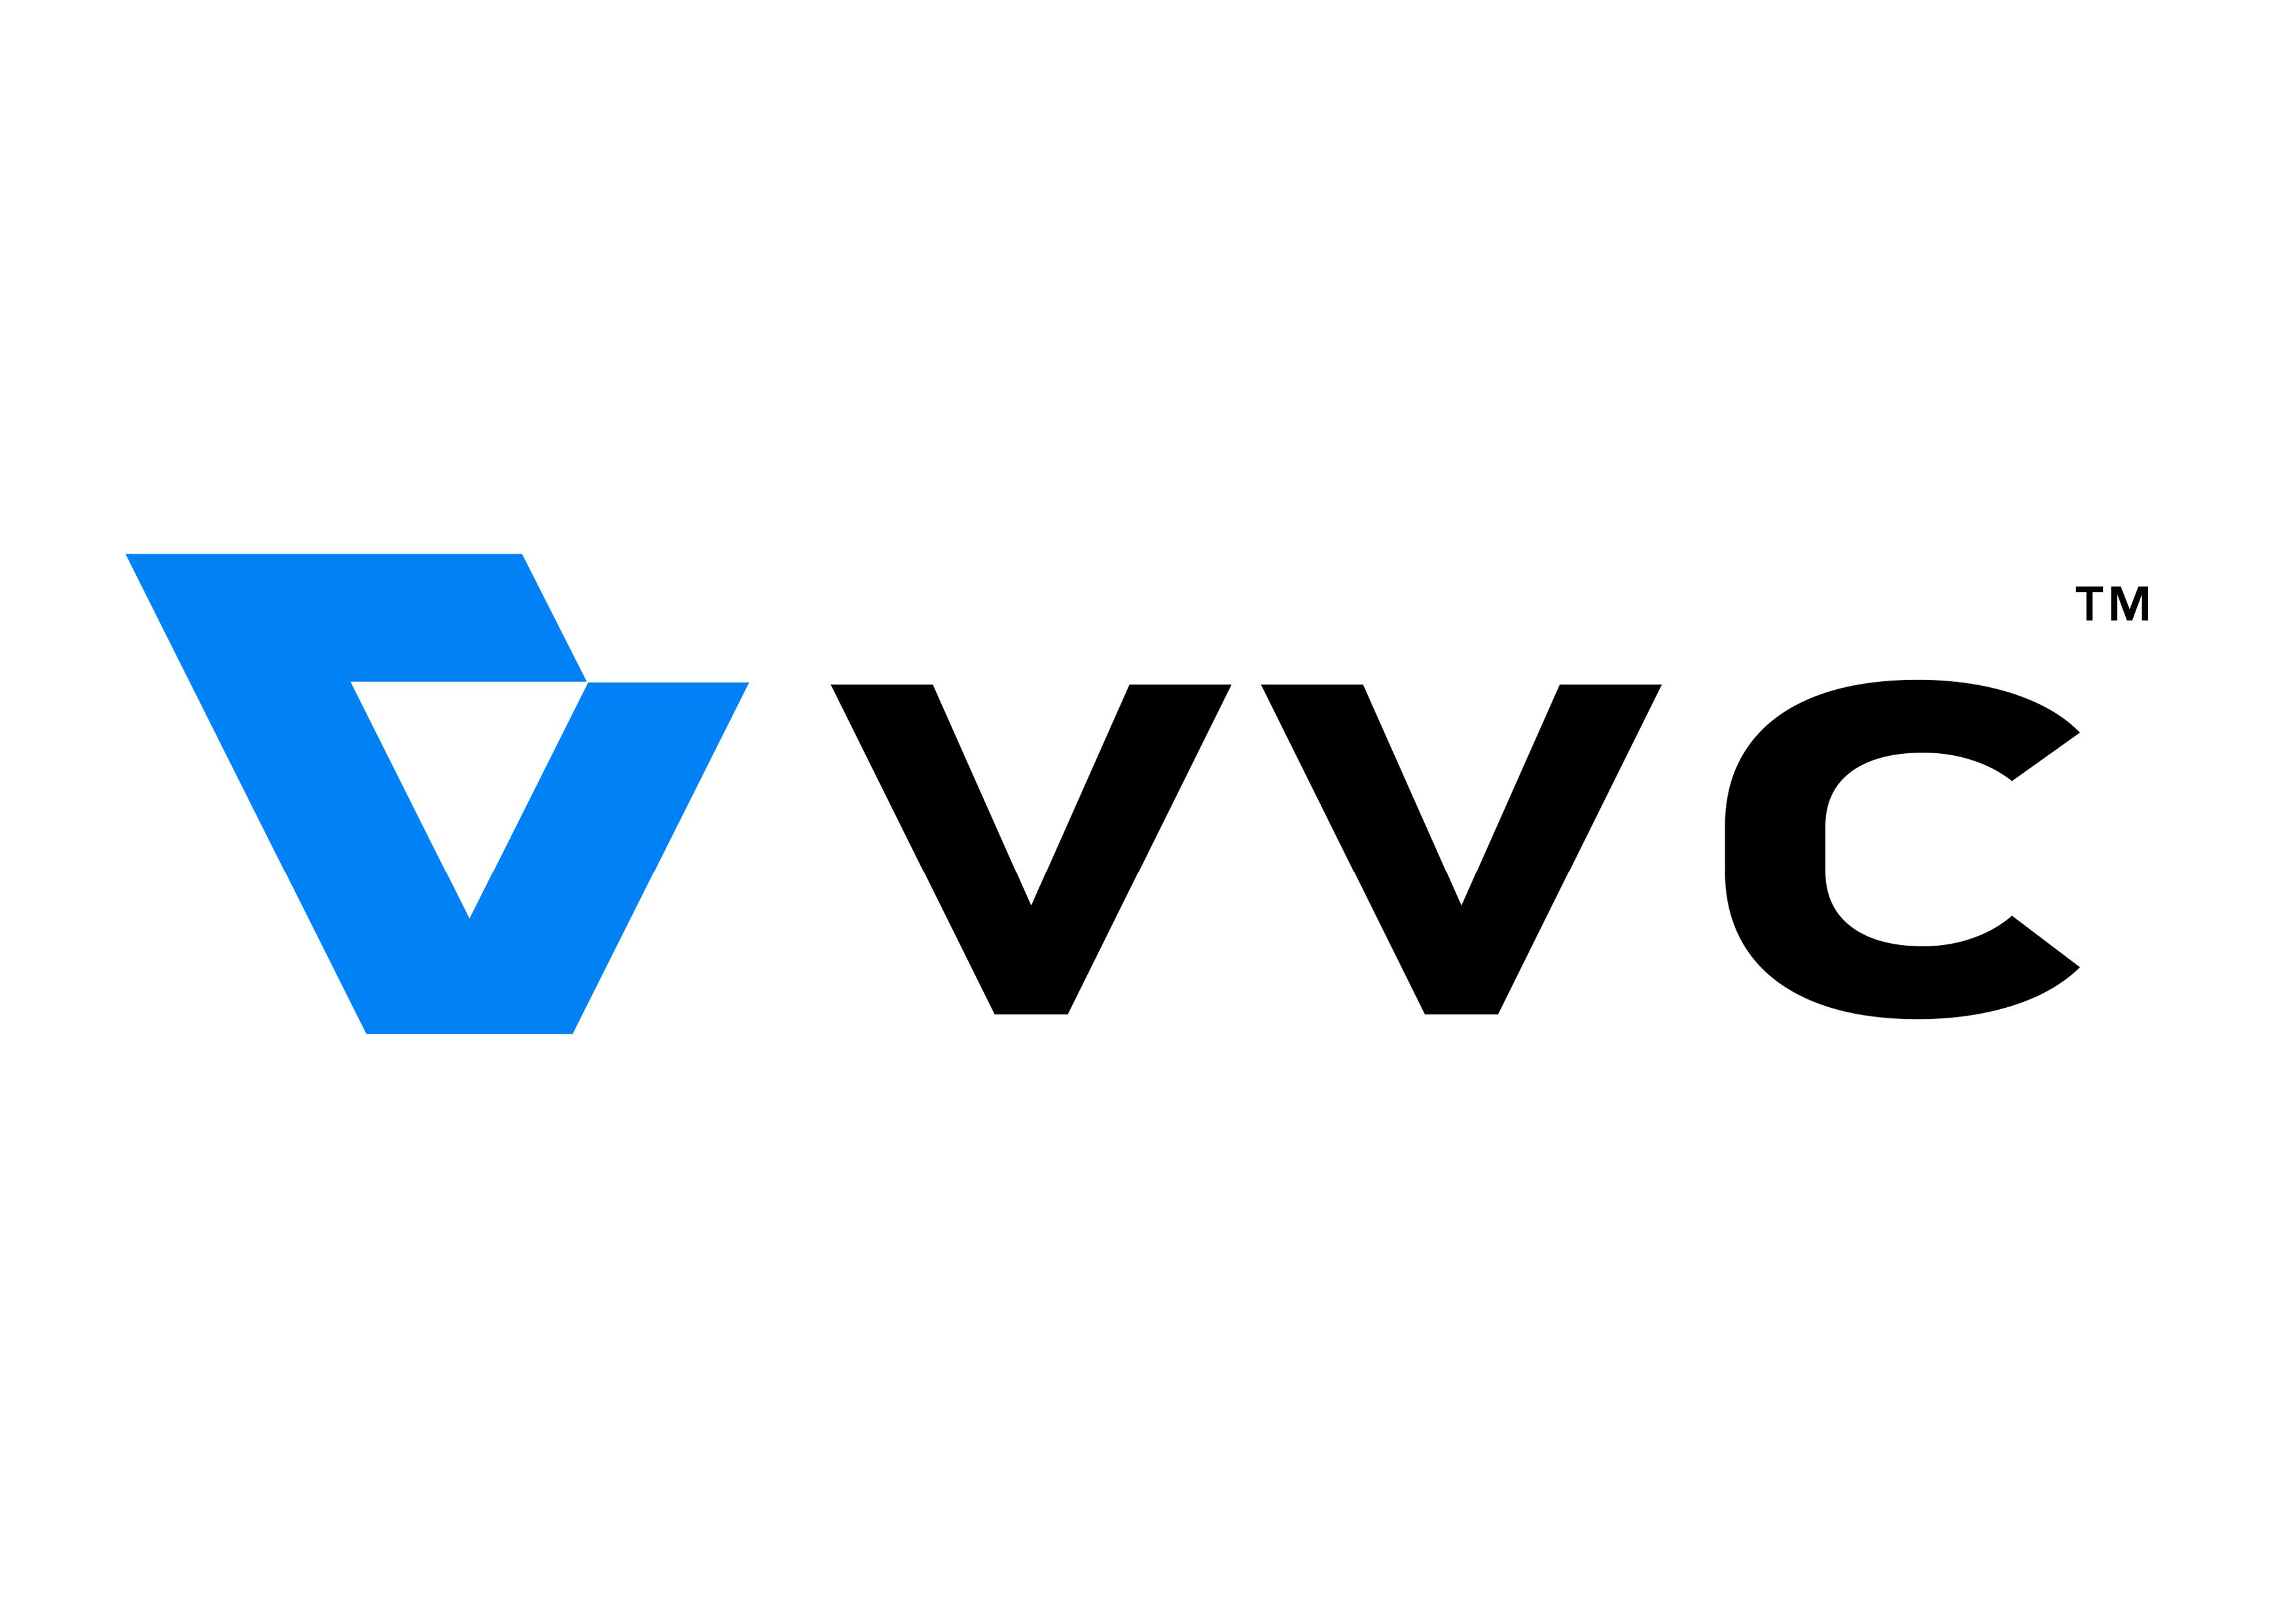 下一代视频编码标准H.266/VVC(Versatile Video Coding)